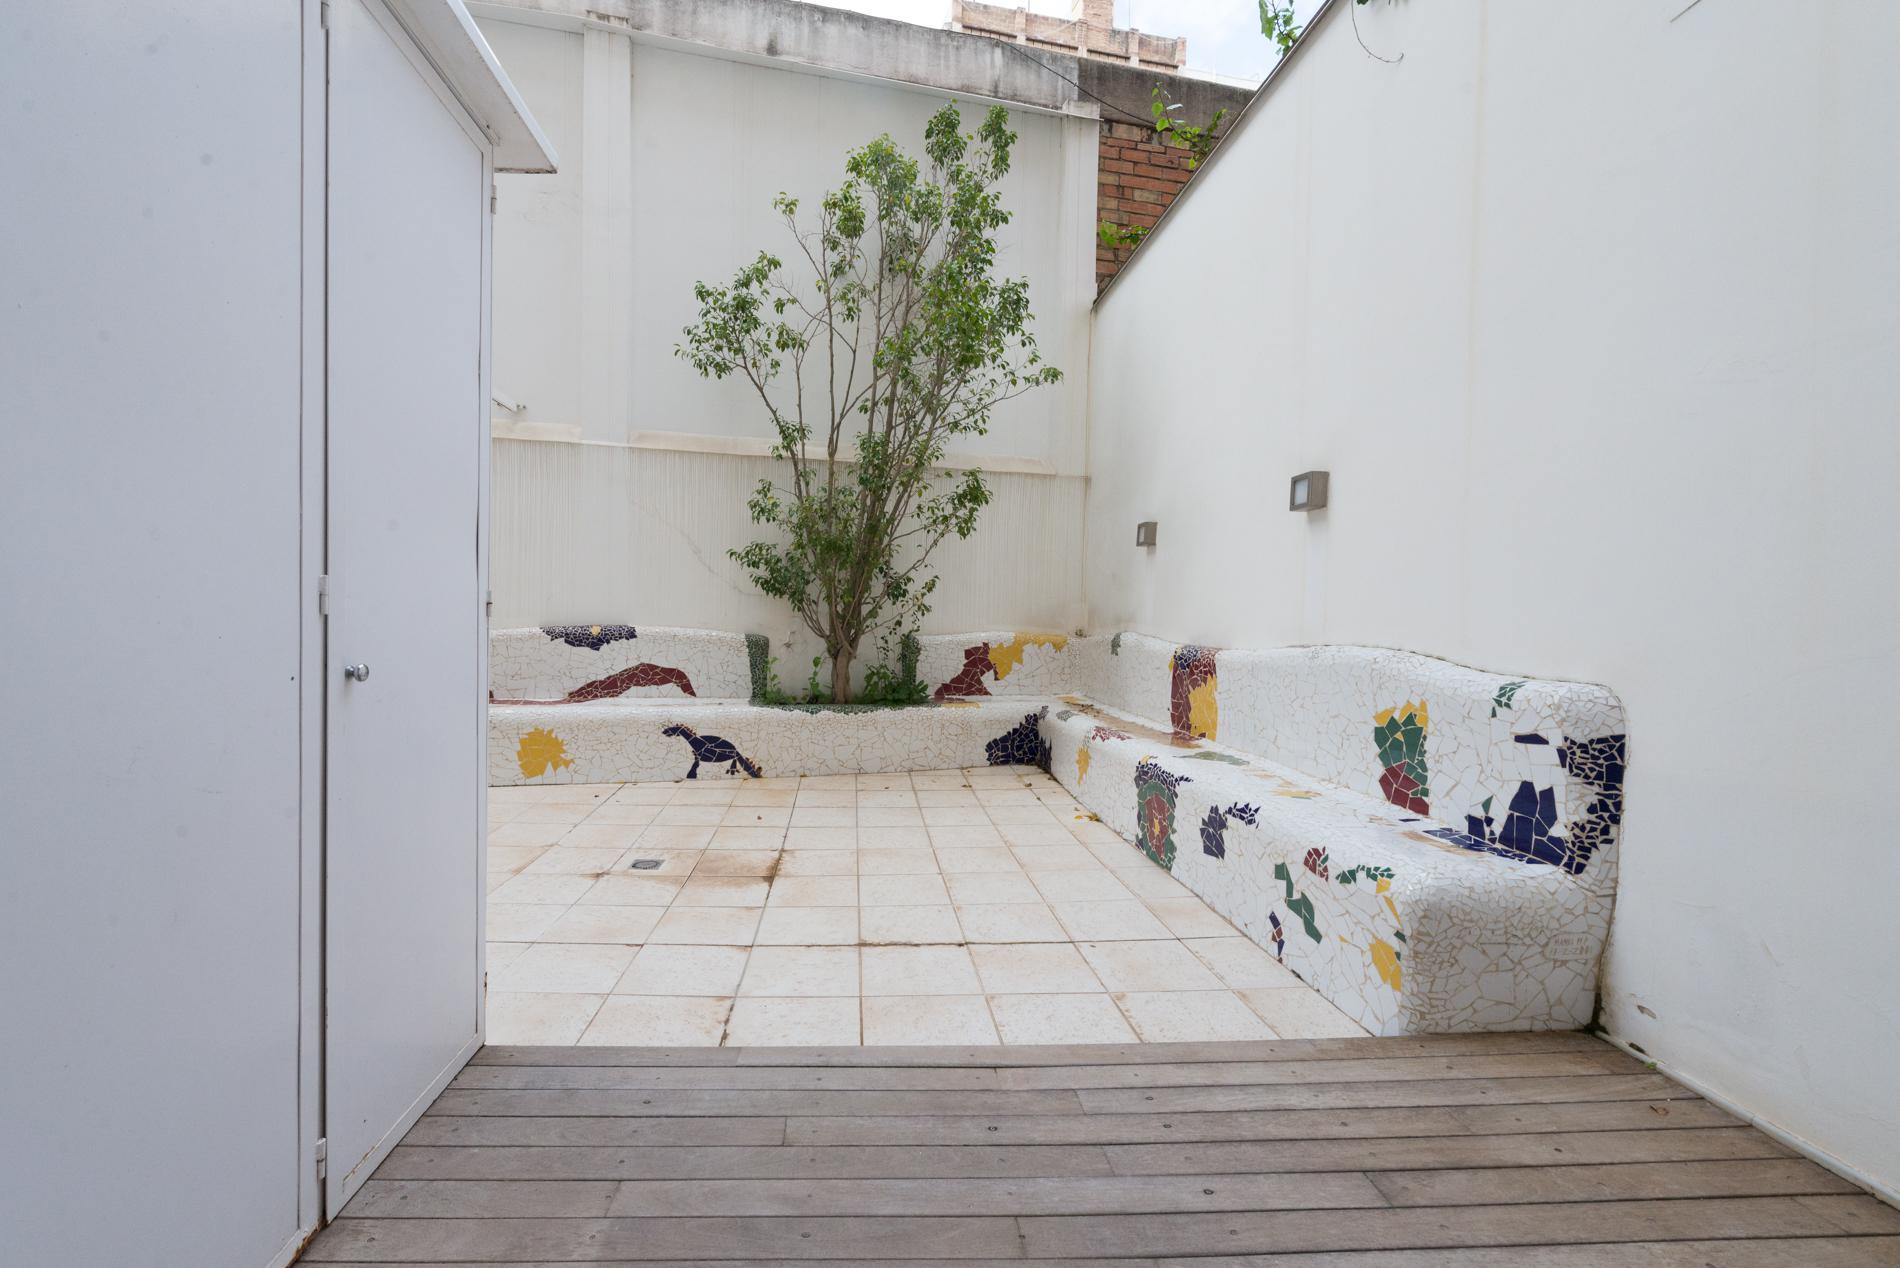 247761 Ground Floor for sale in Sarrià-Sant Gervasi, St. Gervasi-Bonanova 26